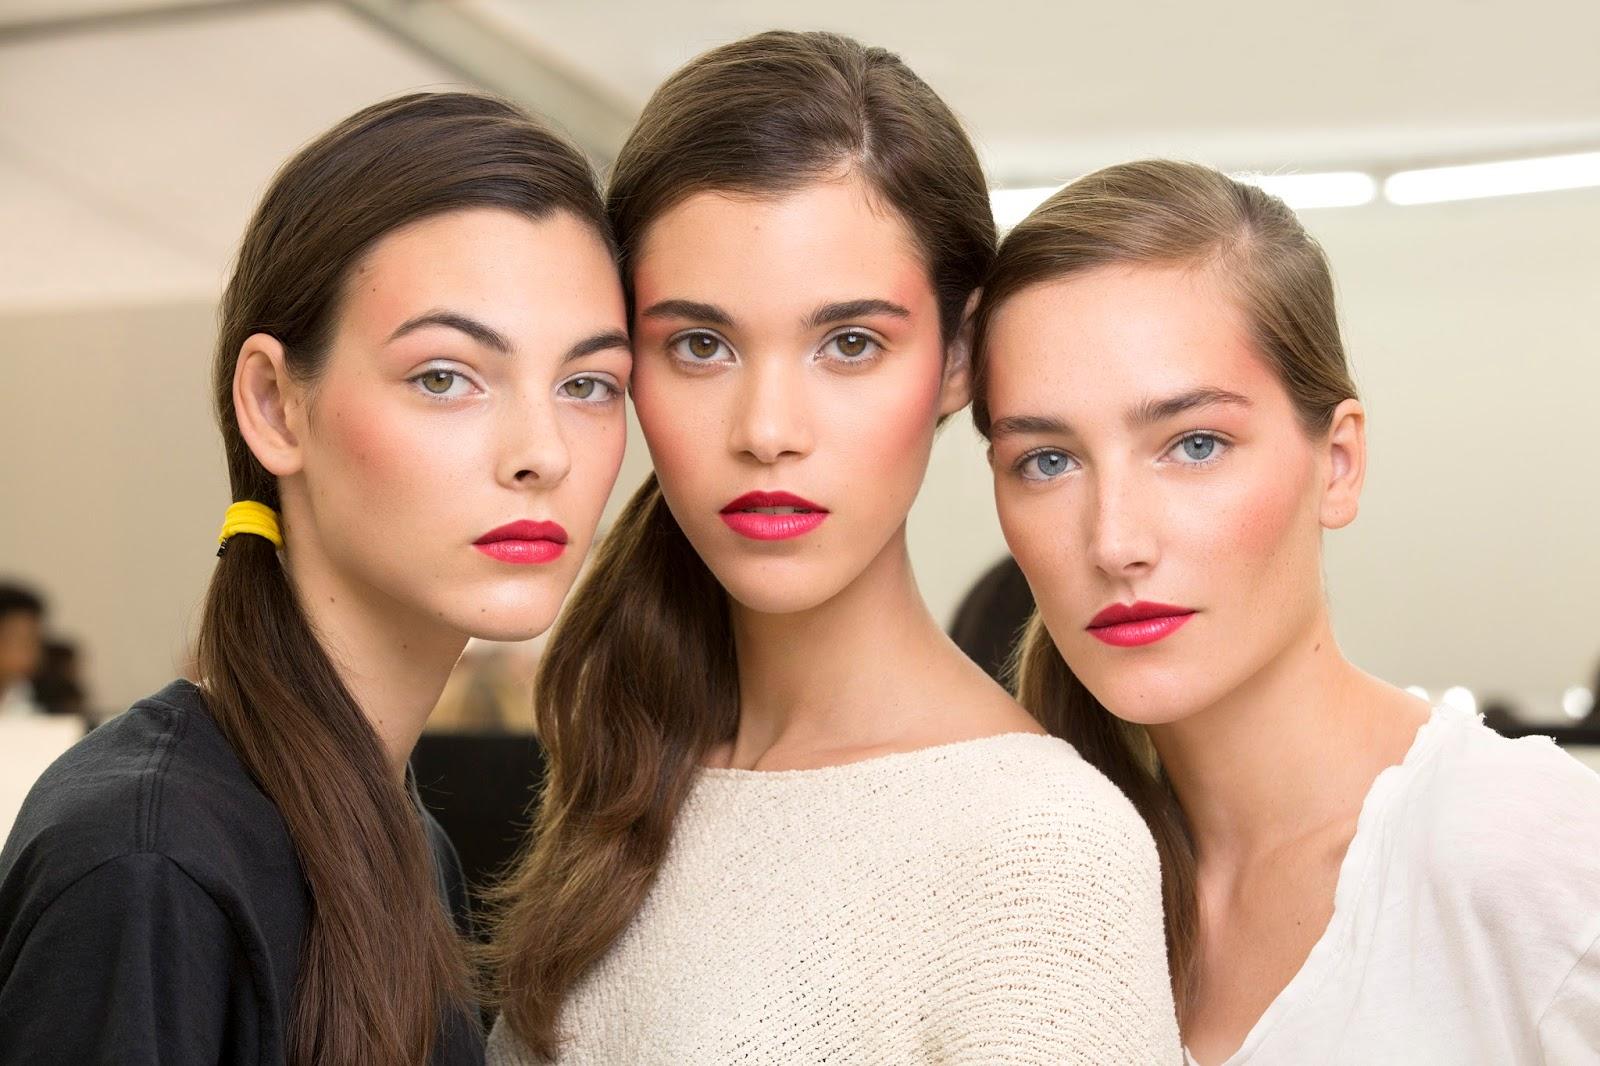 Gözlerinizi Ön Plana Çıkartacak 8 Önemli Makyaj Sırrı